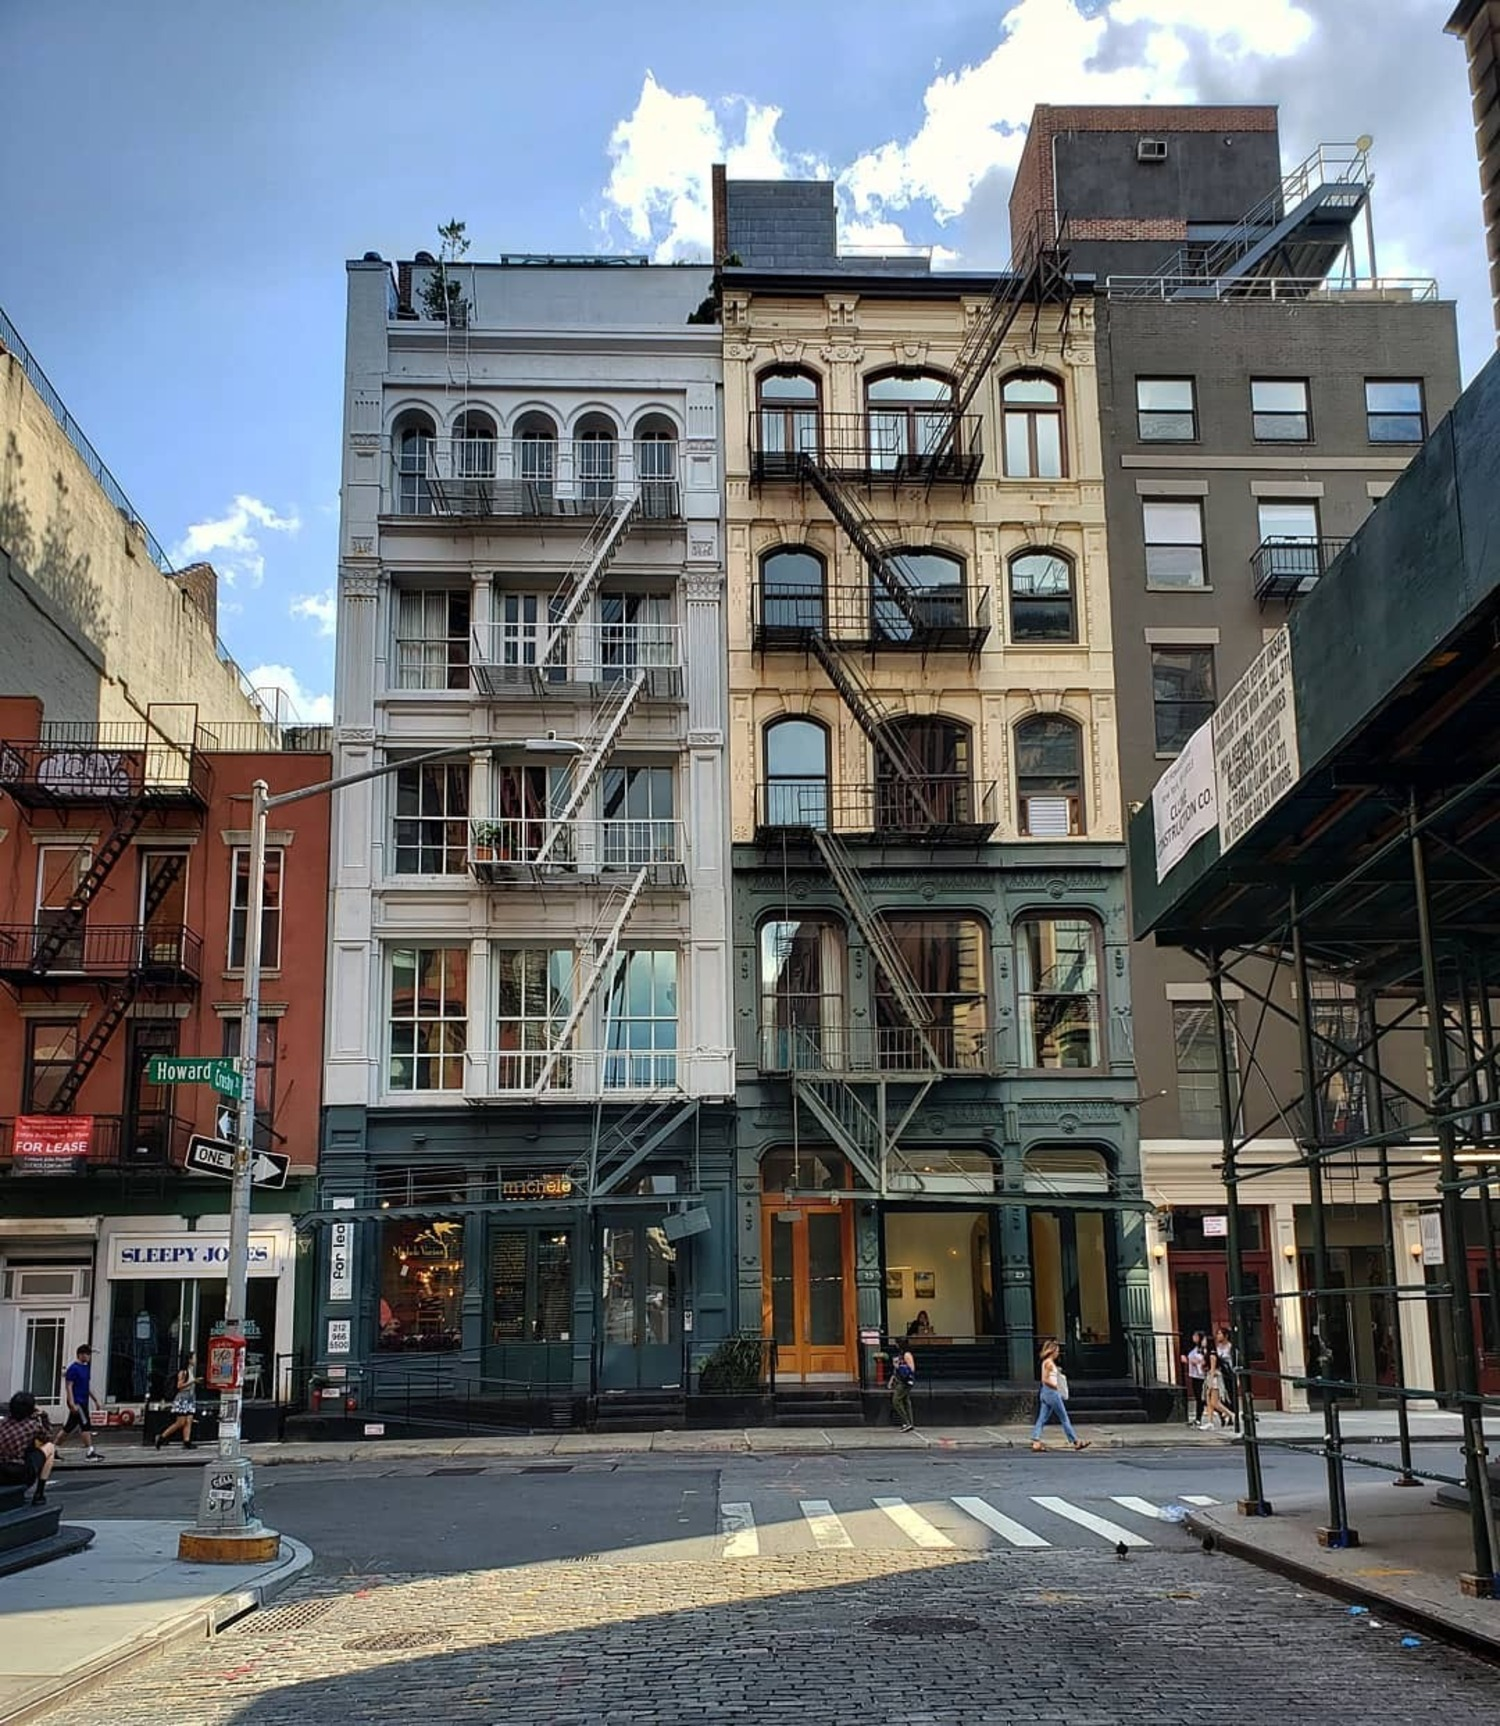 Howard St and Crosby St, SoHo, Manhattan